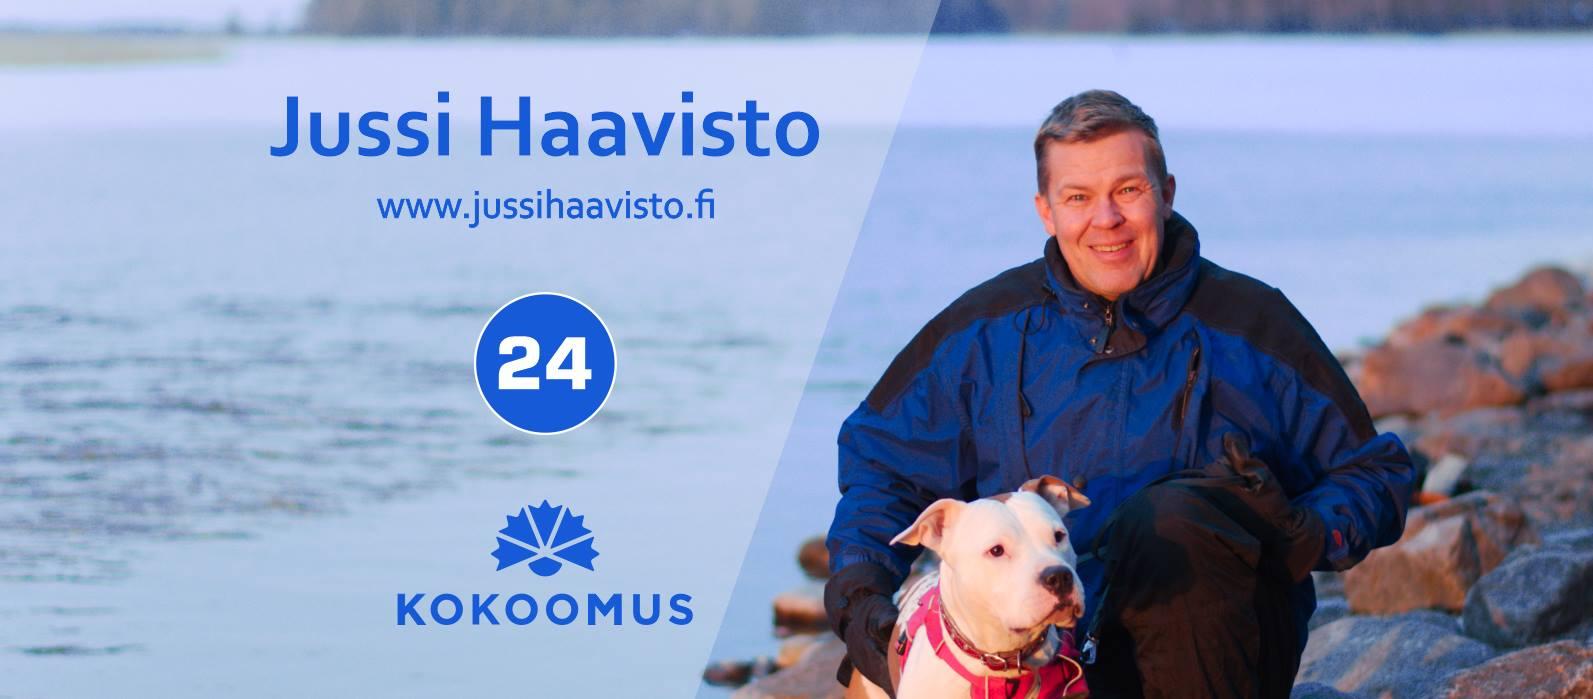 Jussi Haavisto 24, Kokoomus